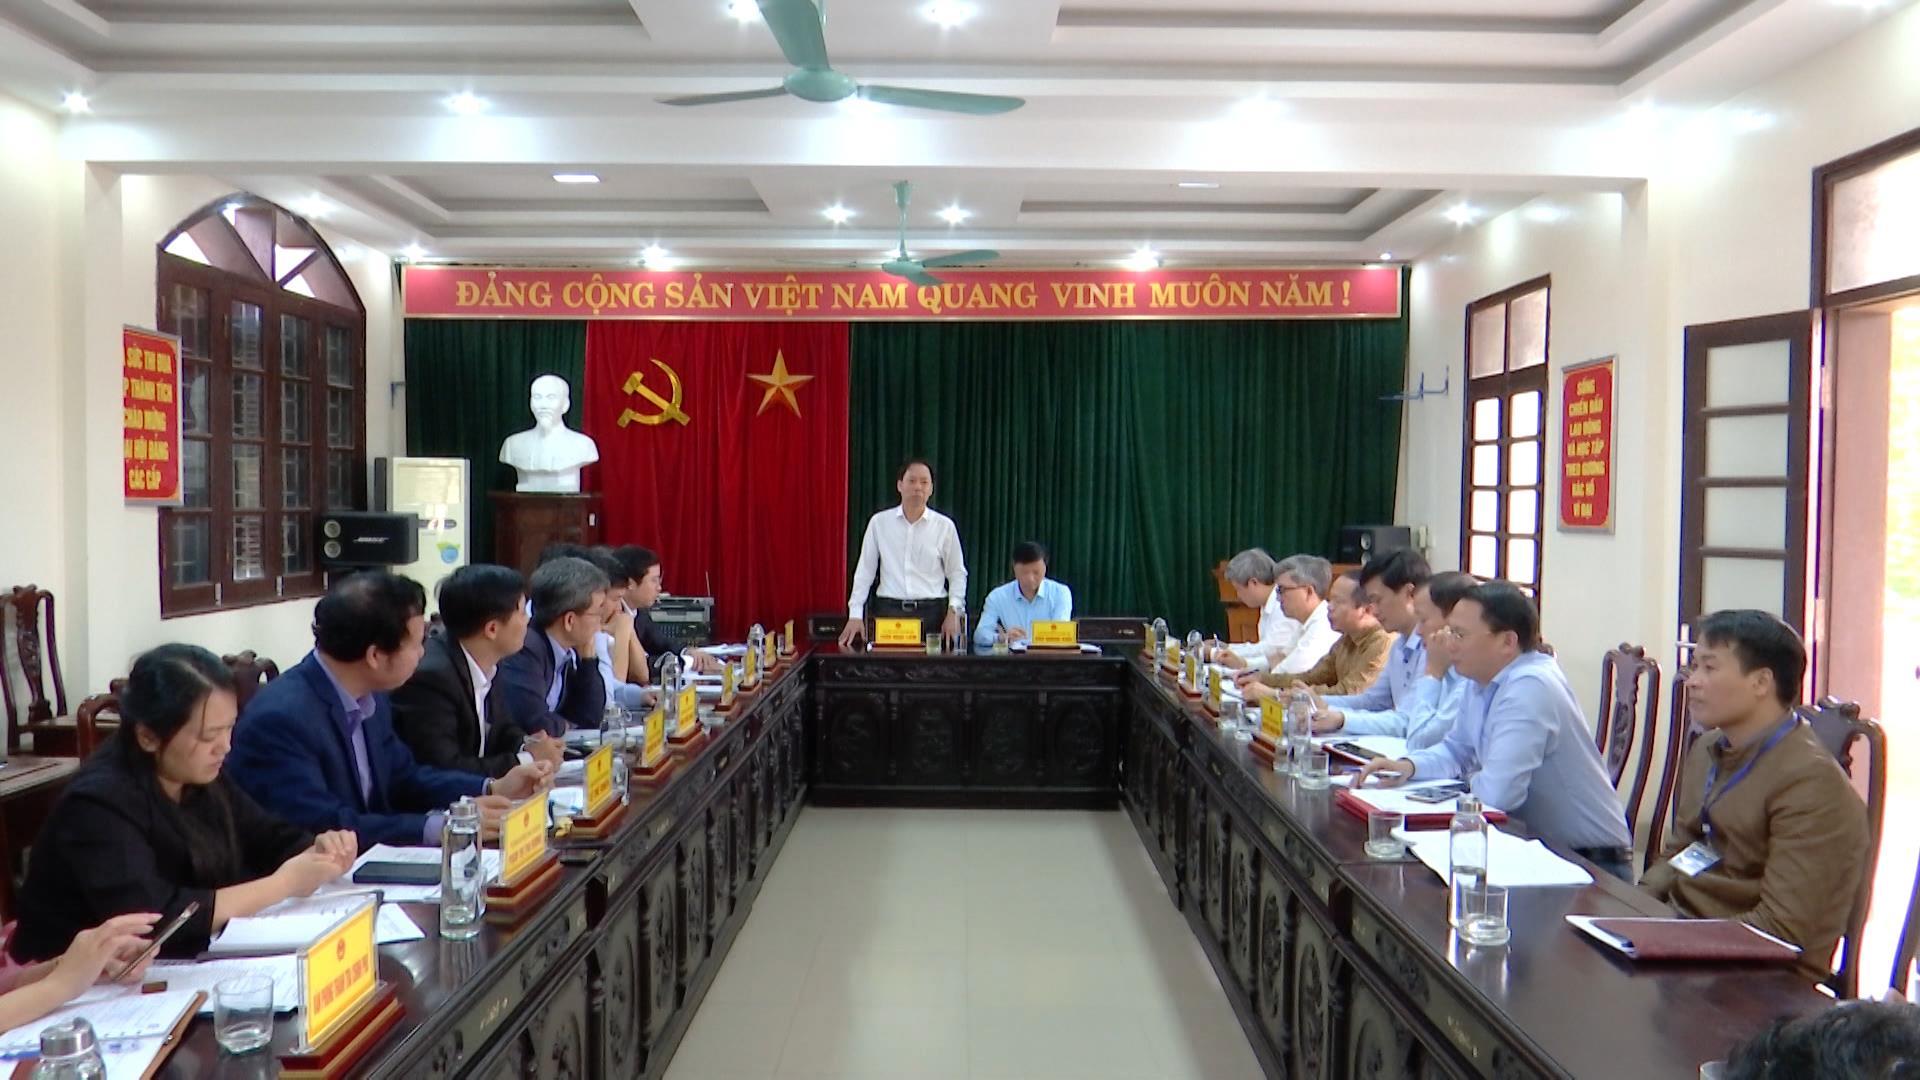 Đoàn Công tác Tổng Thanh tra Chính phủ làm việc tại Bắc Ninh